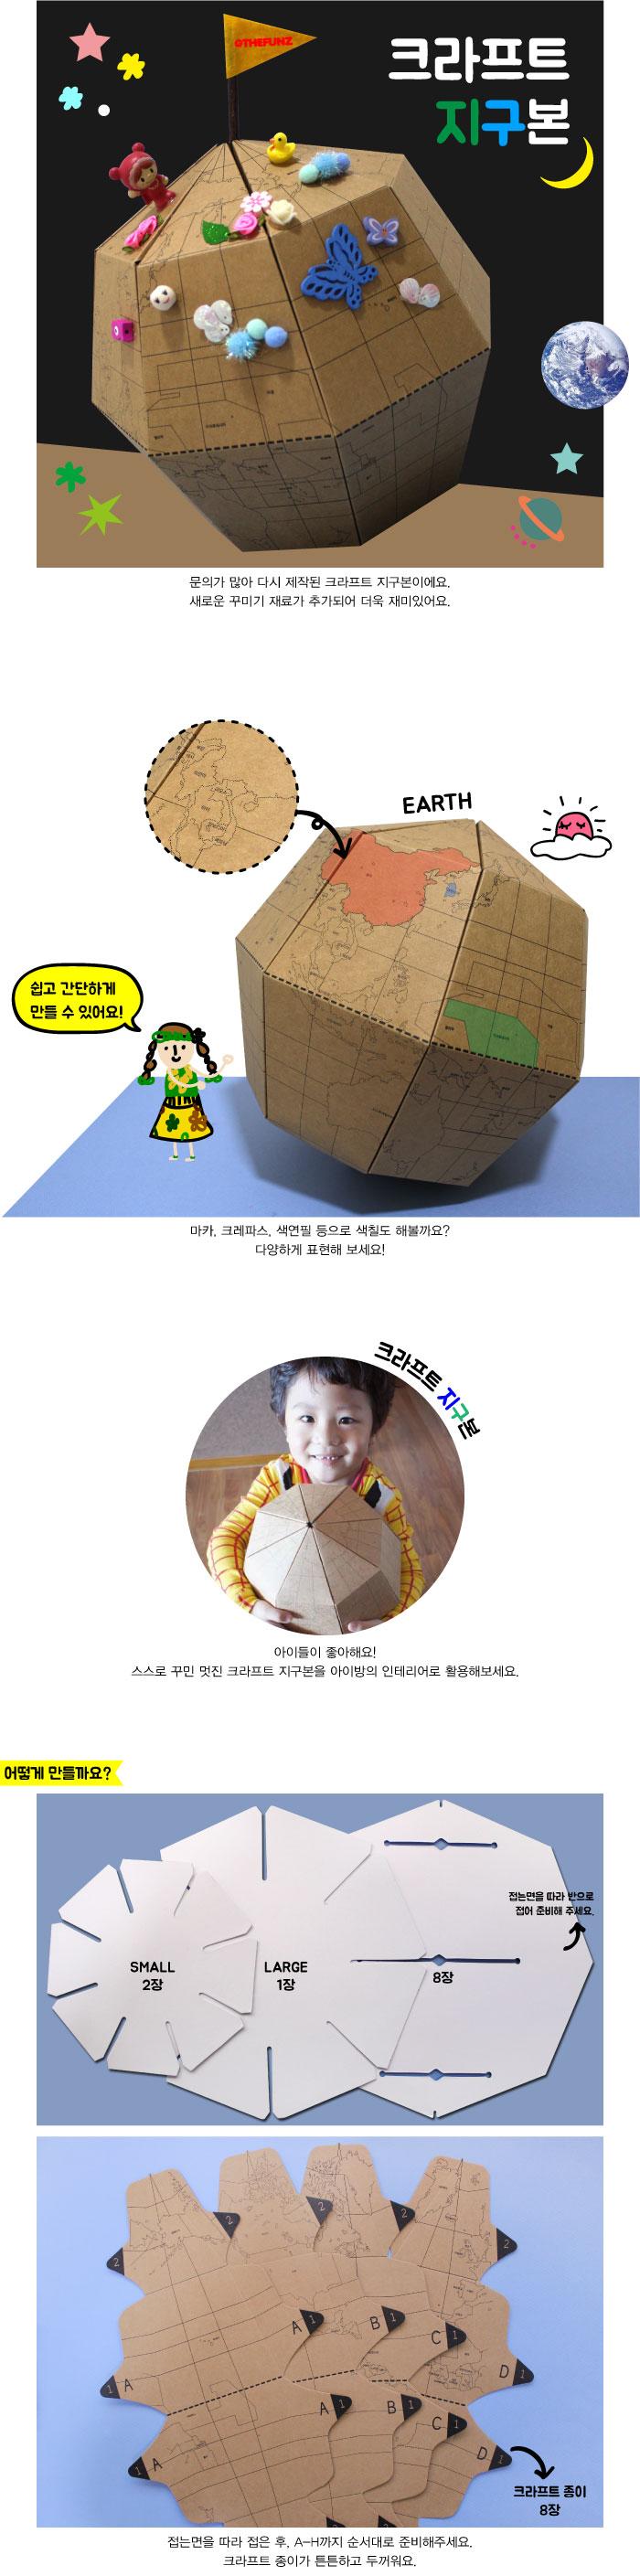 NEW 크라프트 지구본만들기 - 더펀즈, 17,500원, 종이공예/북아트, 소품 패키지